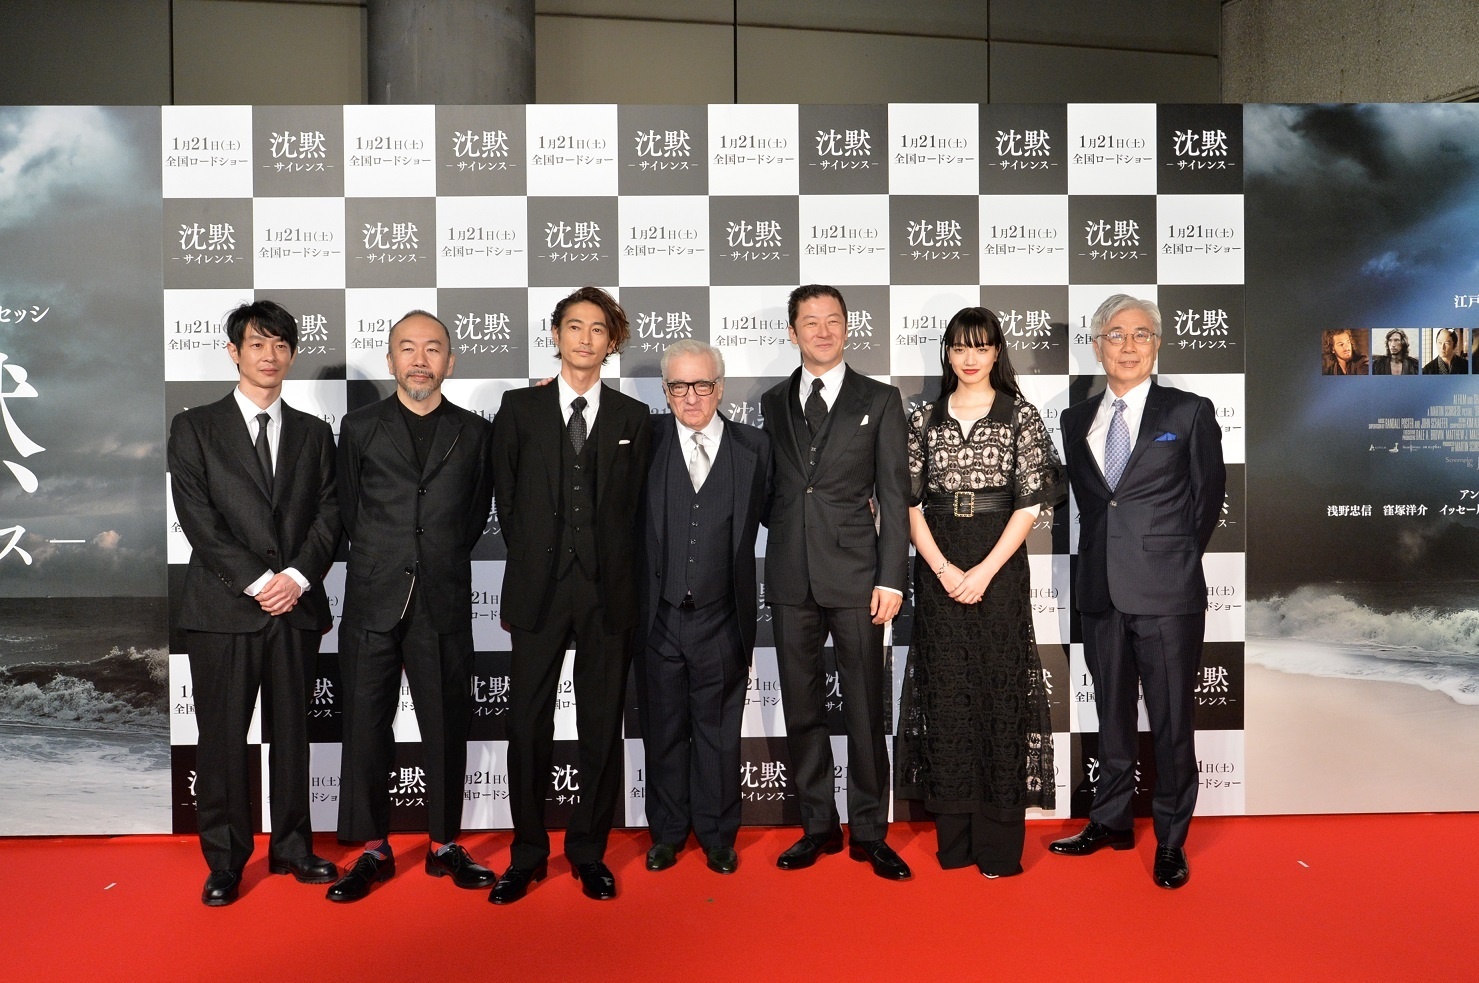 左から、加瀬亮、塚本晋也、窪塚洋介、マーティン・スコセッシ監督、浅野忠信、小松菜奈、イッセー尾形